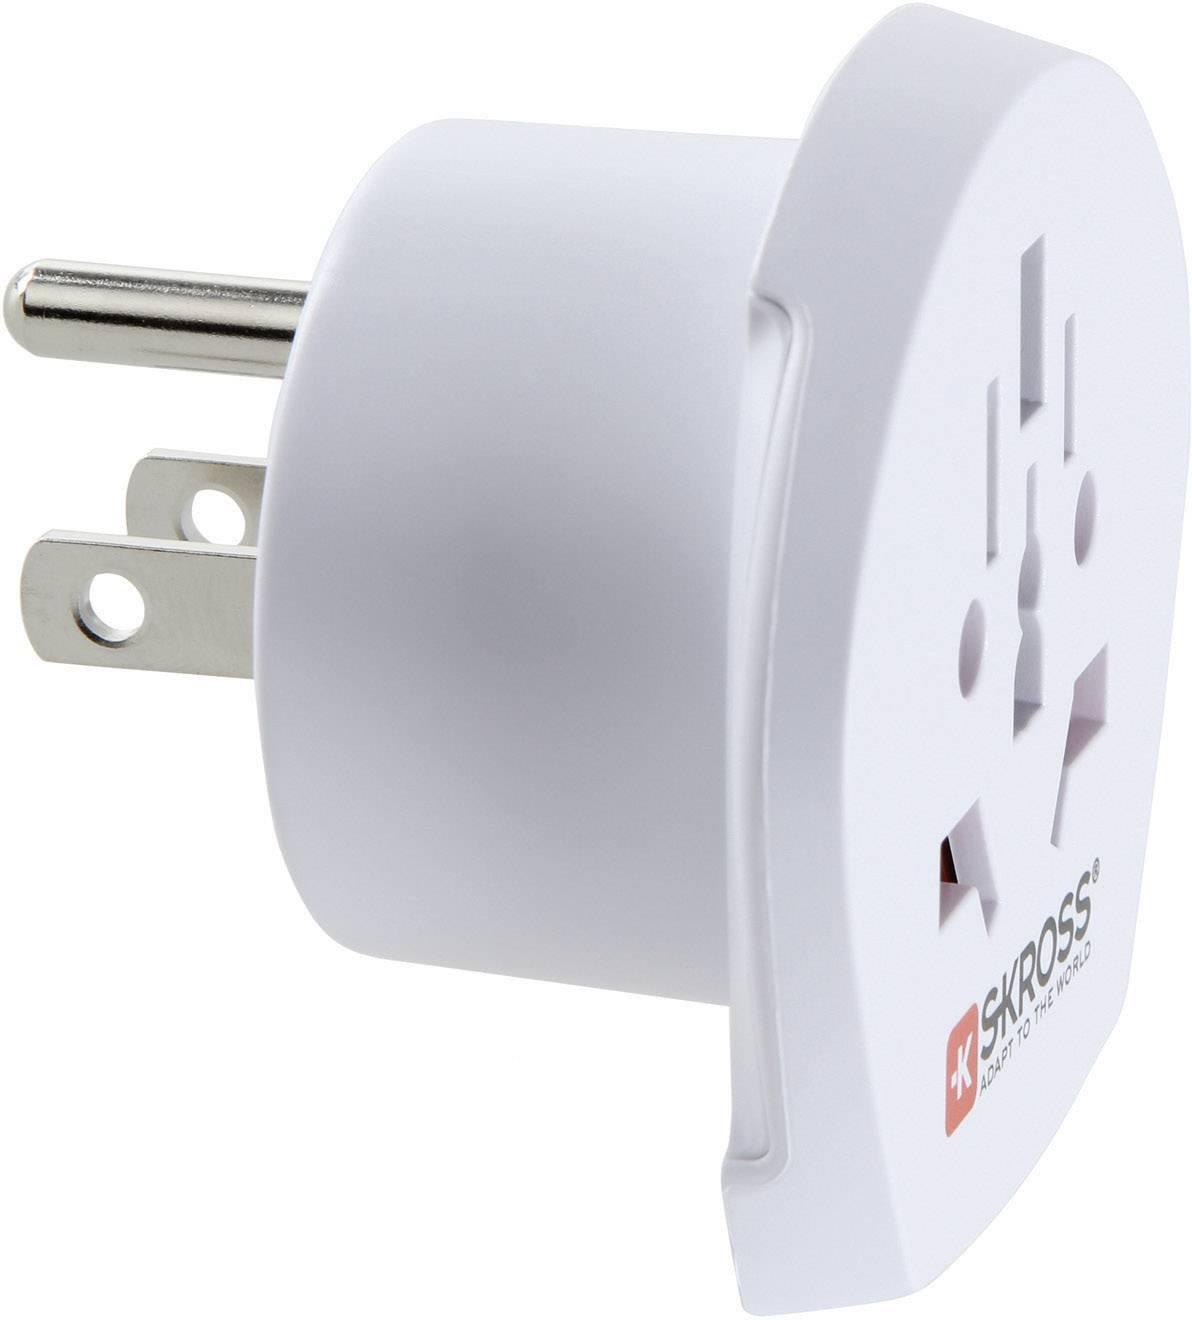 Cestovní adaptér Skross, 1.500221, USA, bílá